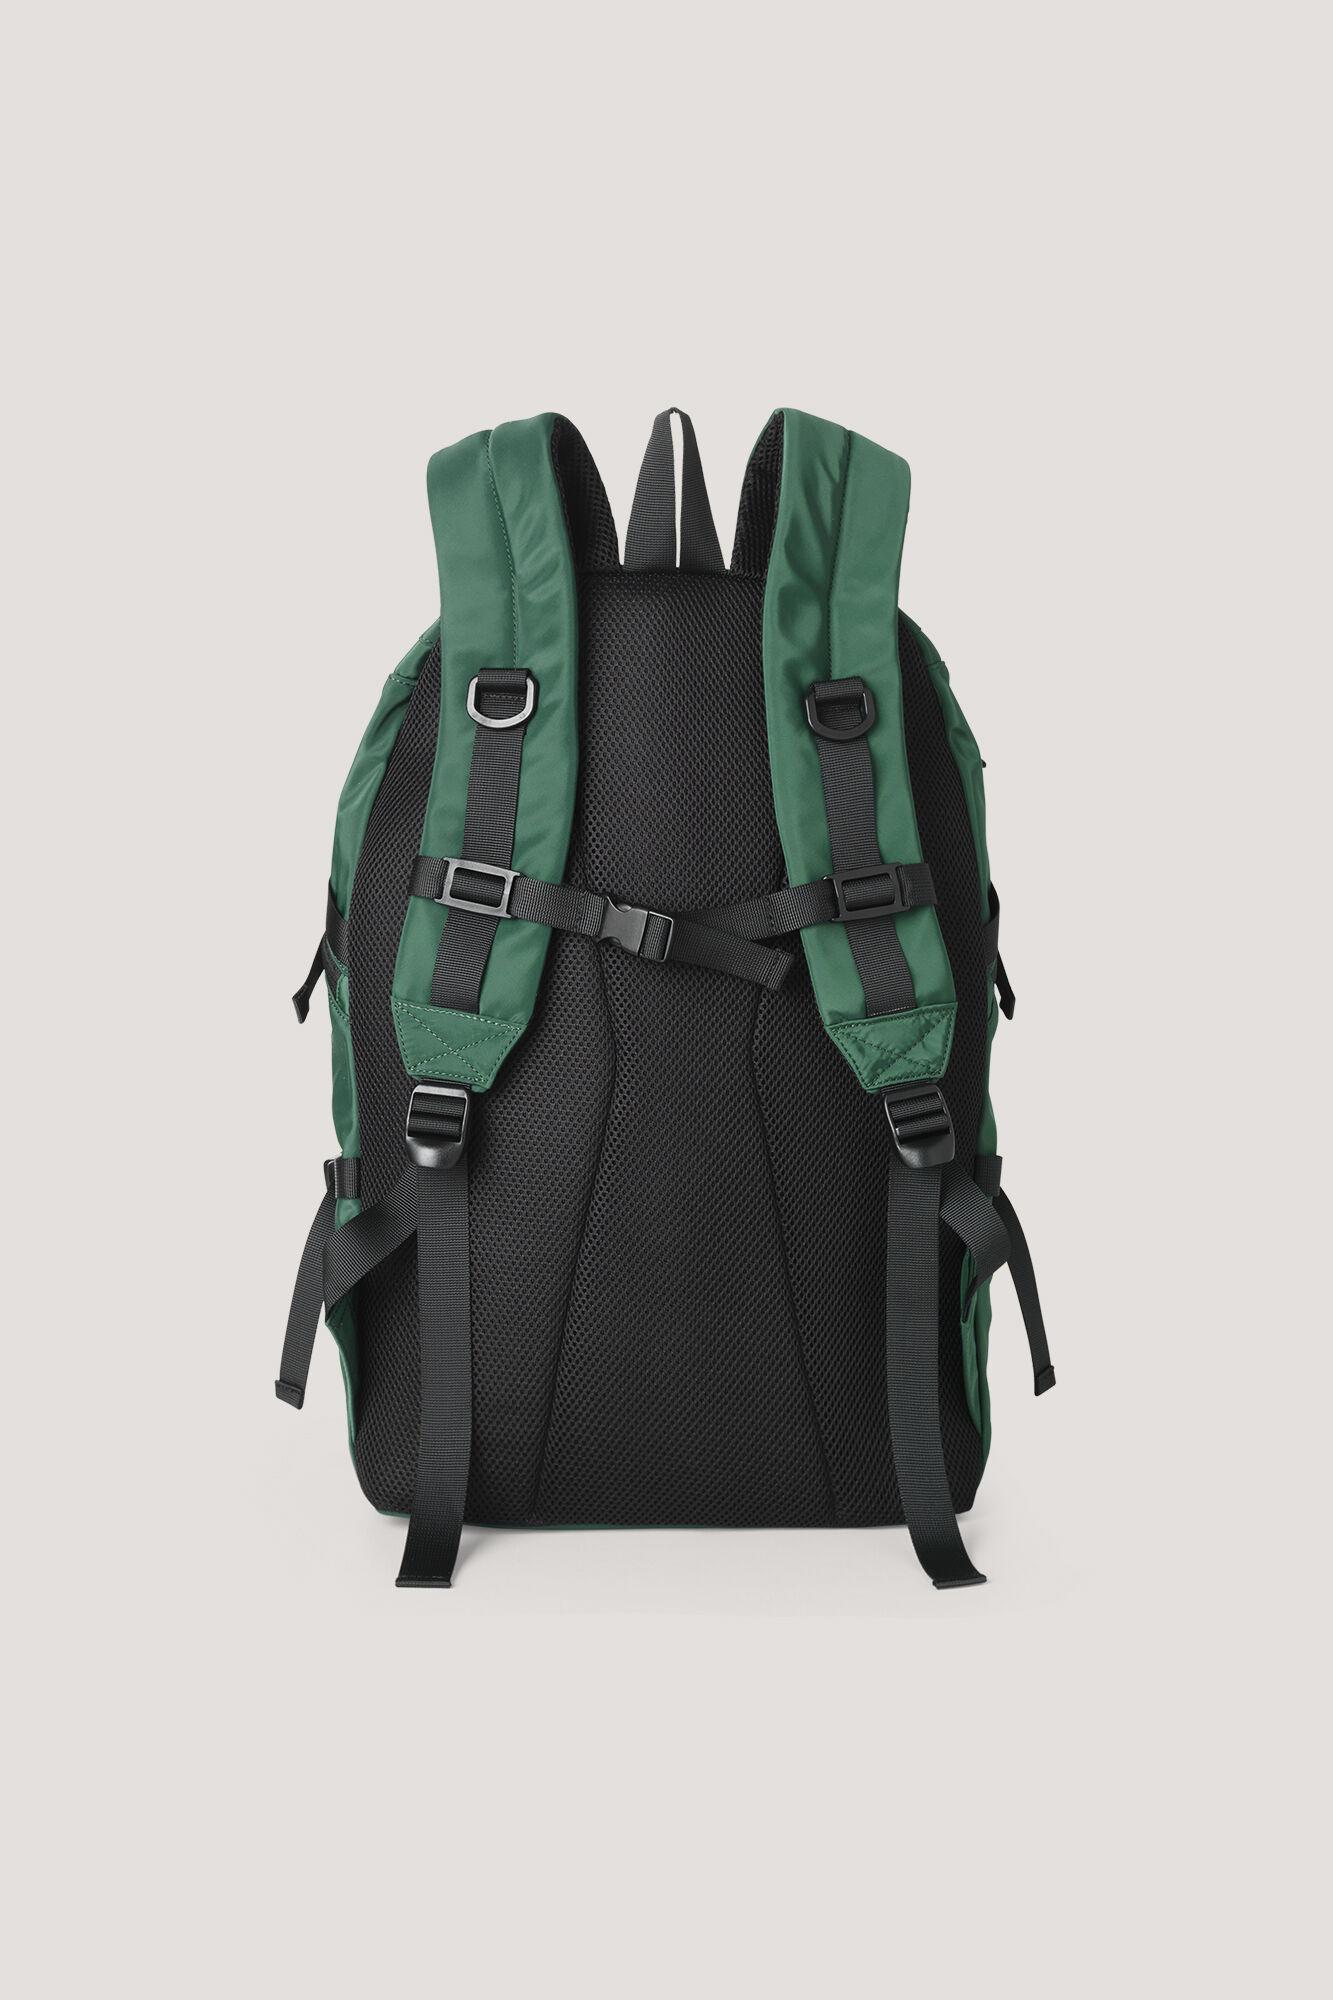 Boris backpack 7408